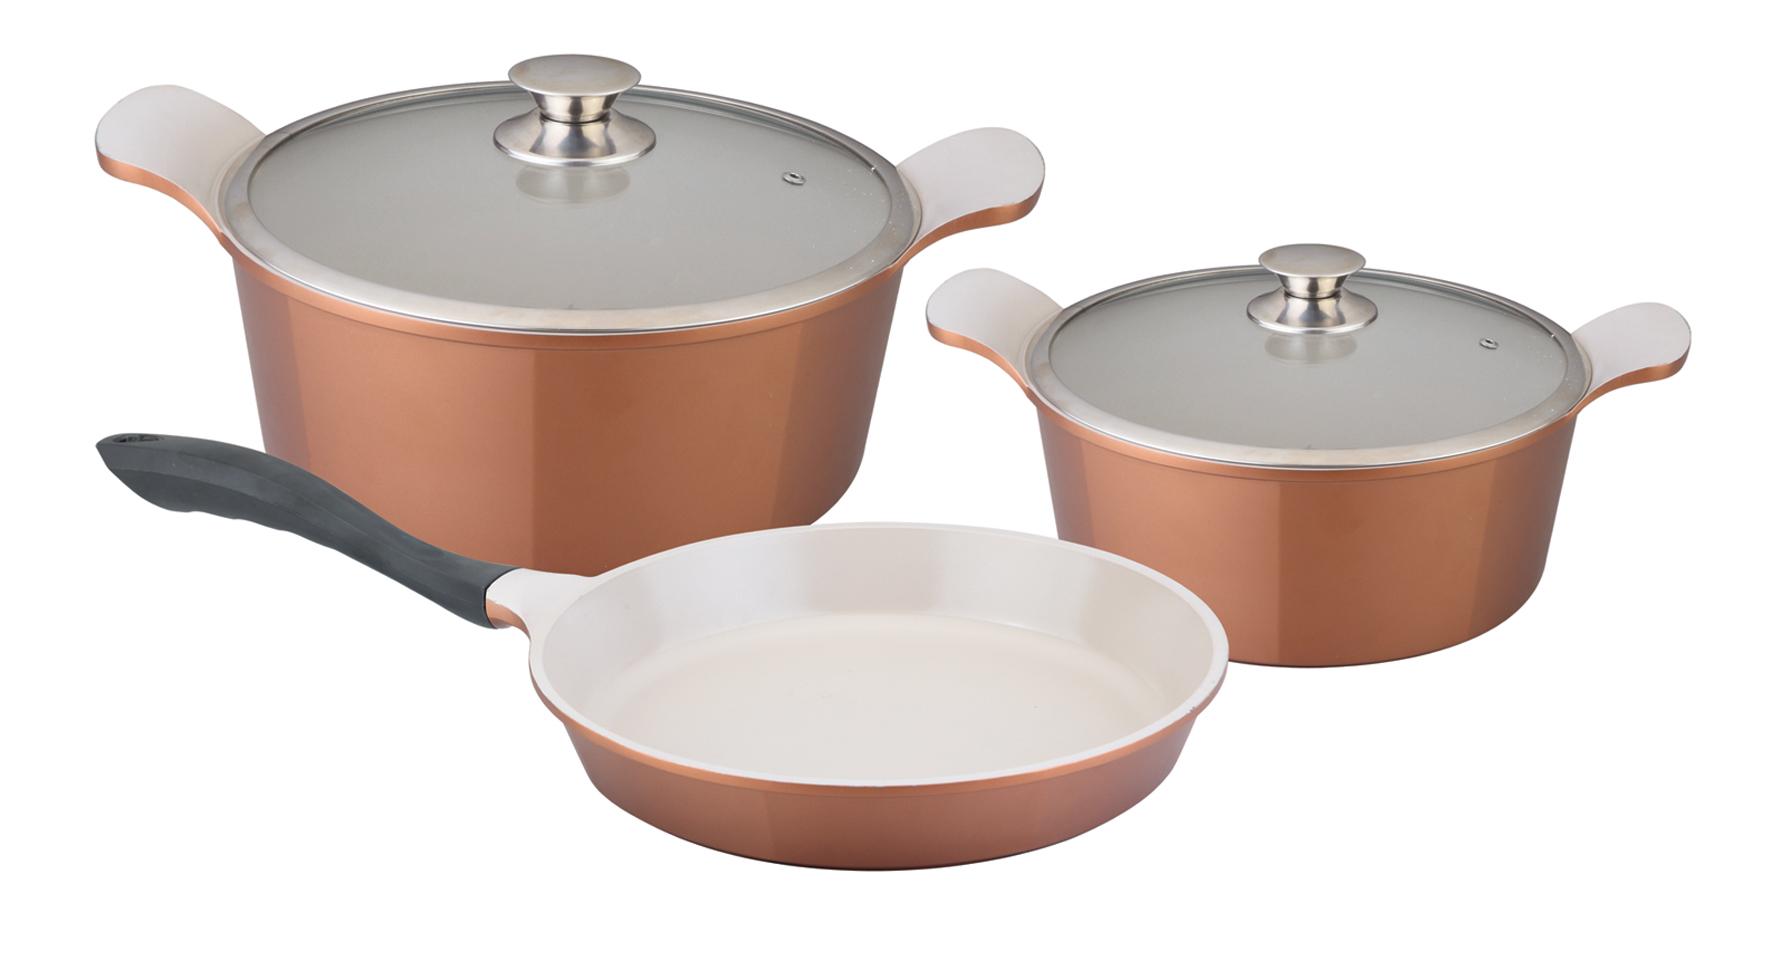 Набор посуды Winner, 5 предметов. WR-1301WR-1301В набор посуды Winner входят: 2 кастрюли с крышками и сковорода. Предметы набора выполнены из высококачественного литого алюминия с антипригарным керамическим нанопокрытием Ceralon. Посуда с нанопокрытием обладает высокой прочностью, жаро-, износо-, коррозийной стойкостью, химической инертностью. При нагревании до высоких температур не выделяет и не впитывает в себя вредных для человека химических соединений. Нанопокрытие гарантирует быстрый и равномерный нагрев посуды и существенную экономию электроэнергии. Данная технология позволяет исключить деформацию корпуса при частом и длительном использовании посуды. Посуда имеет внешнее цветное жаропрочное силиконовое покрытие. Крышки, выполненные из термостойкого стекла, позволят вам следить за процессом приготовления пищи. Крышки плотно прилегают к краям посуды, предотвращая проливание жидкости и сохраняя аромат блюд. Изделия подходят для использования на всех типах плит, включая индукционные. Можно мыть в...